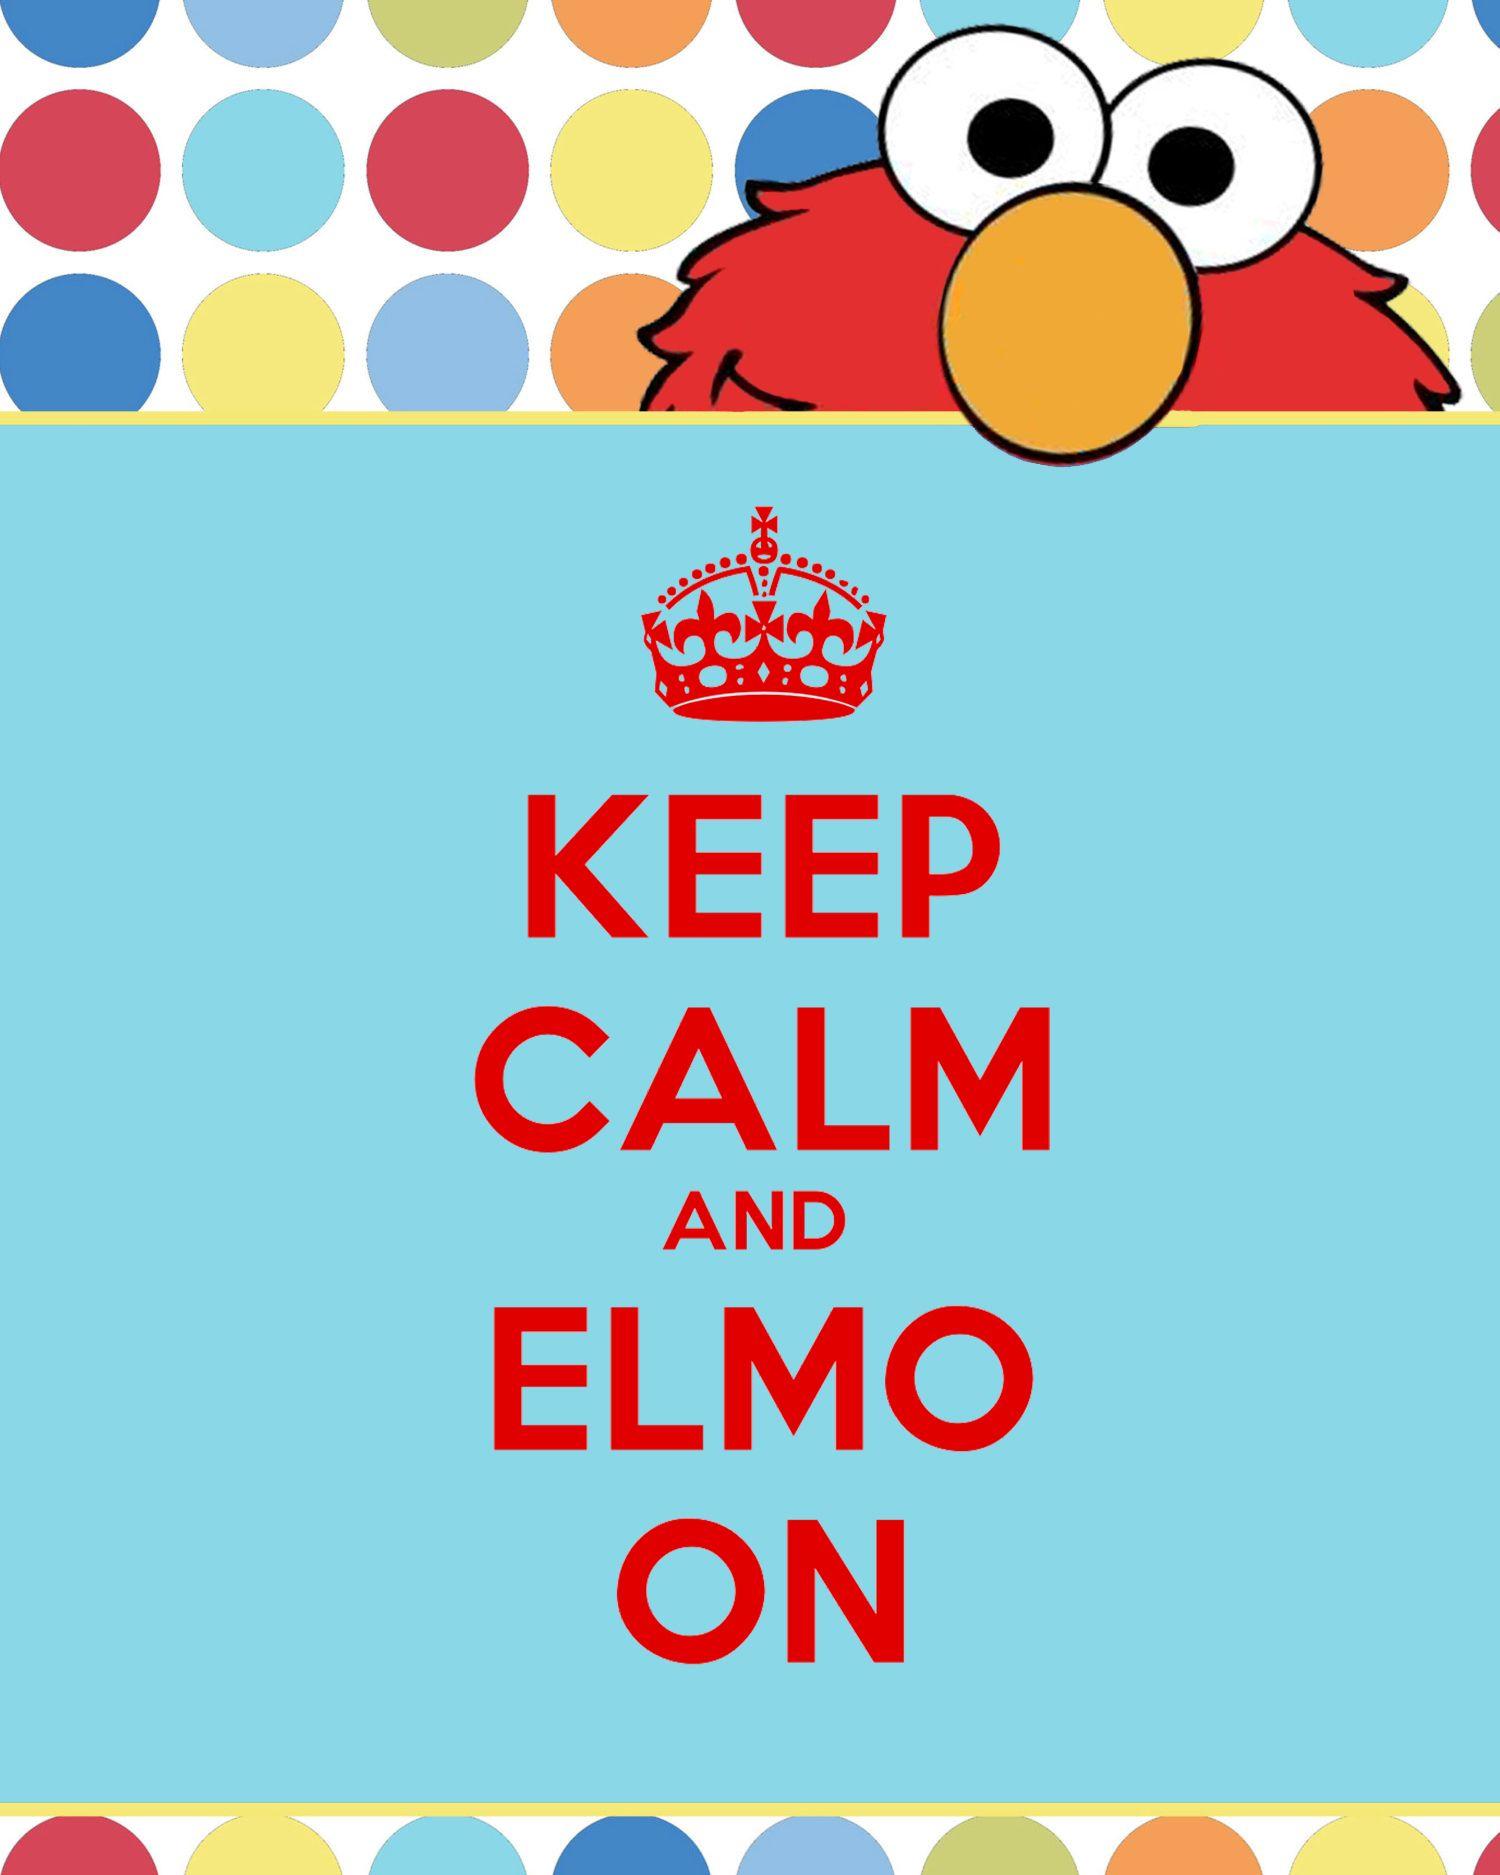 Elmo on